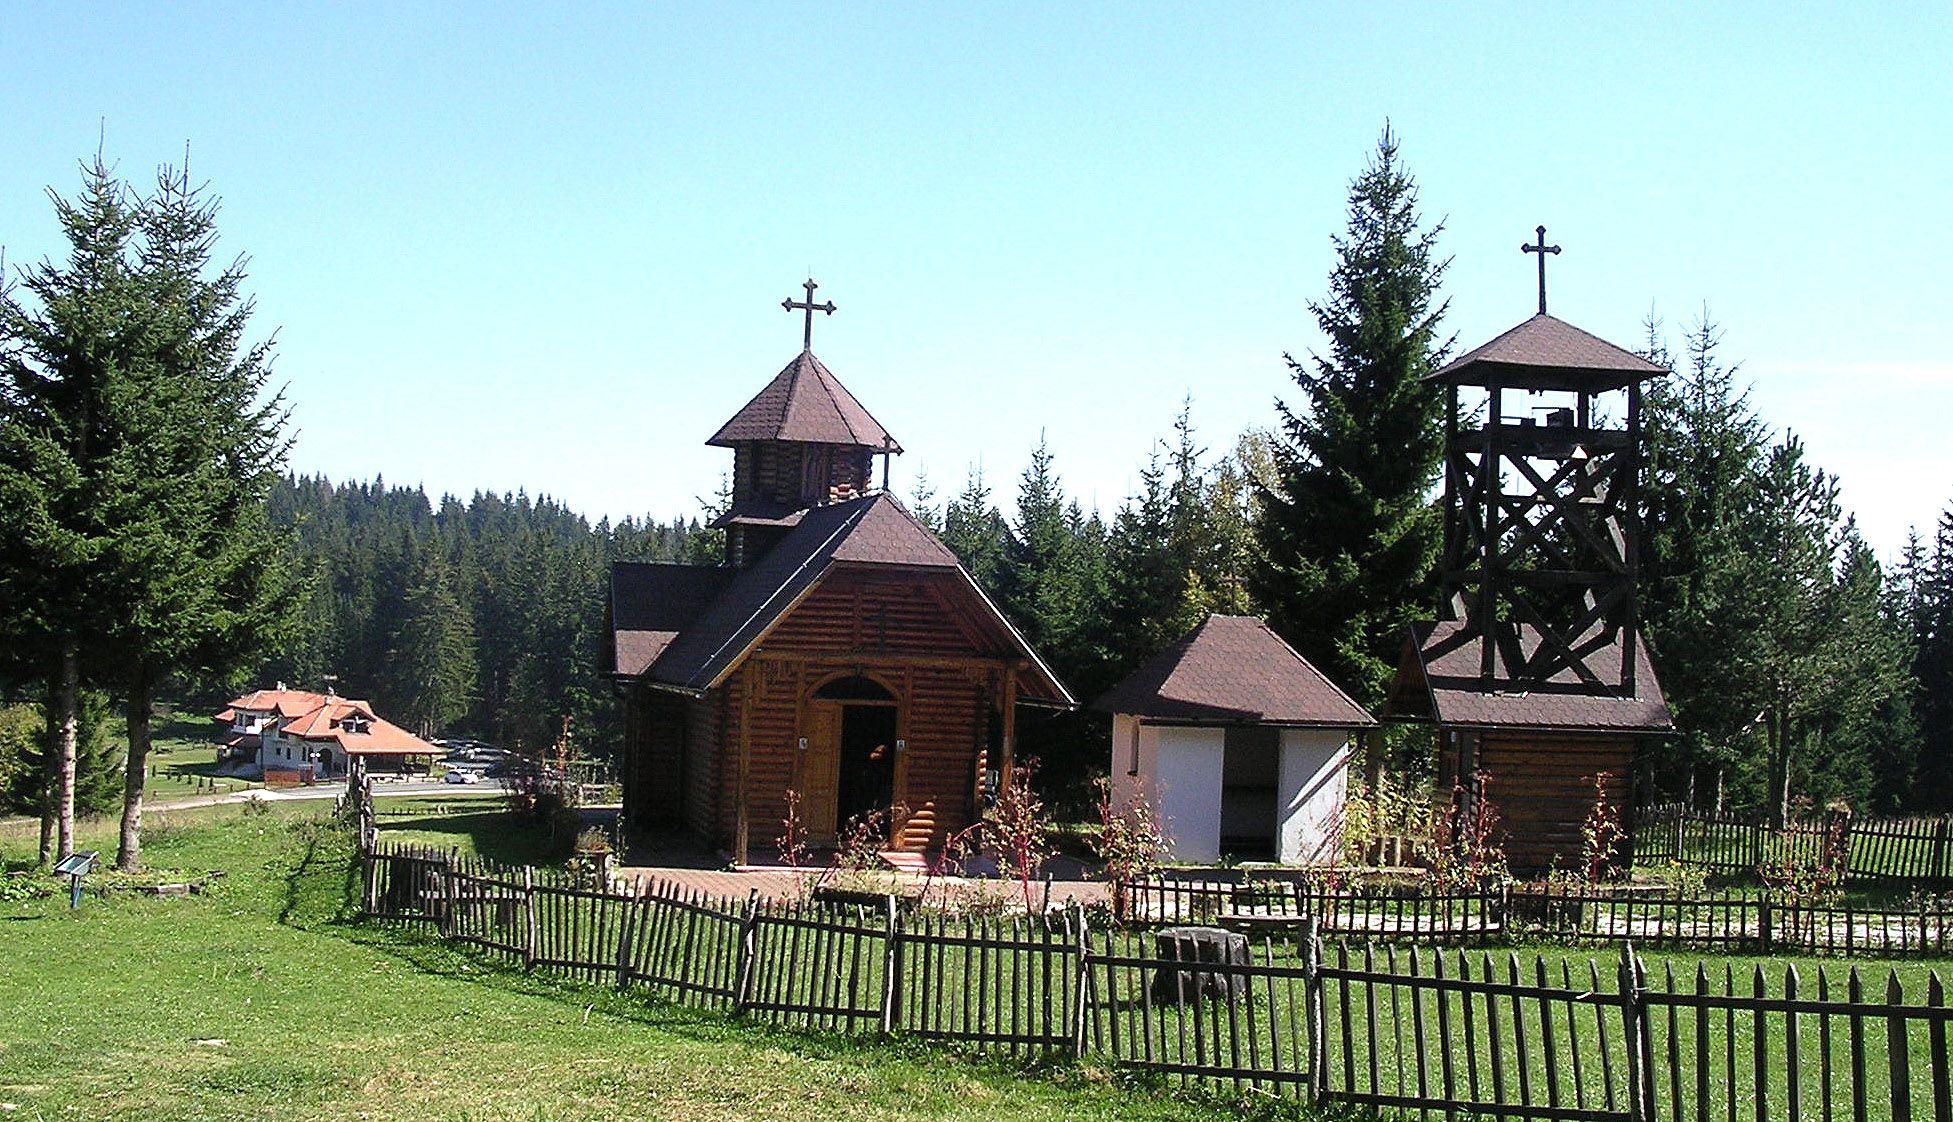 Манастир и шумарска кућа на Воденој Пољани